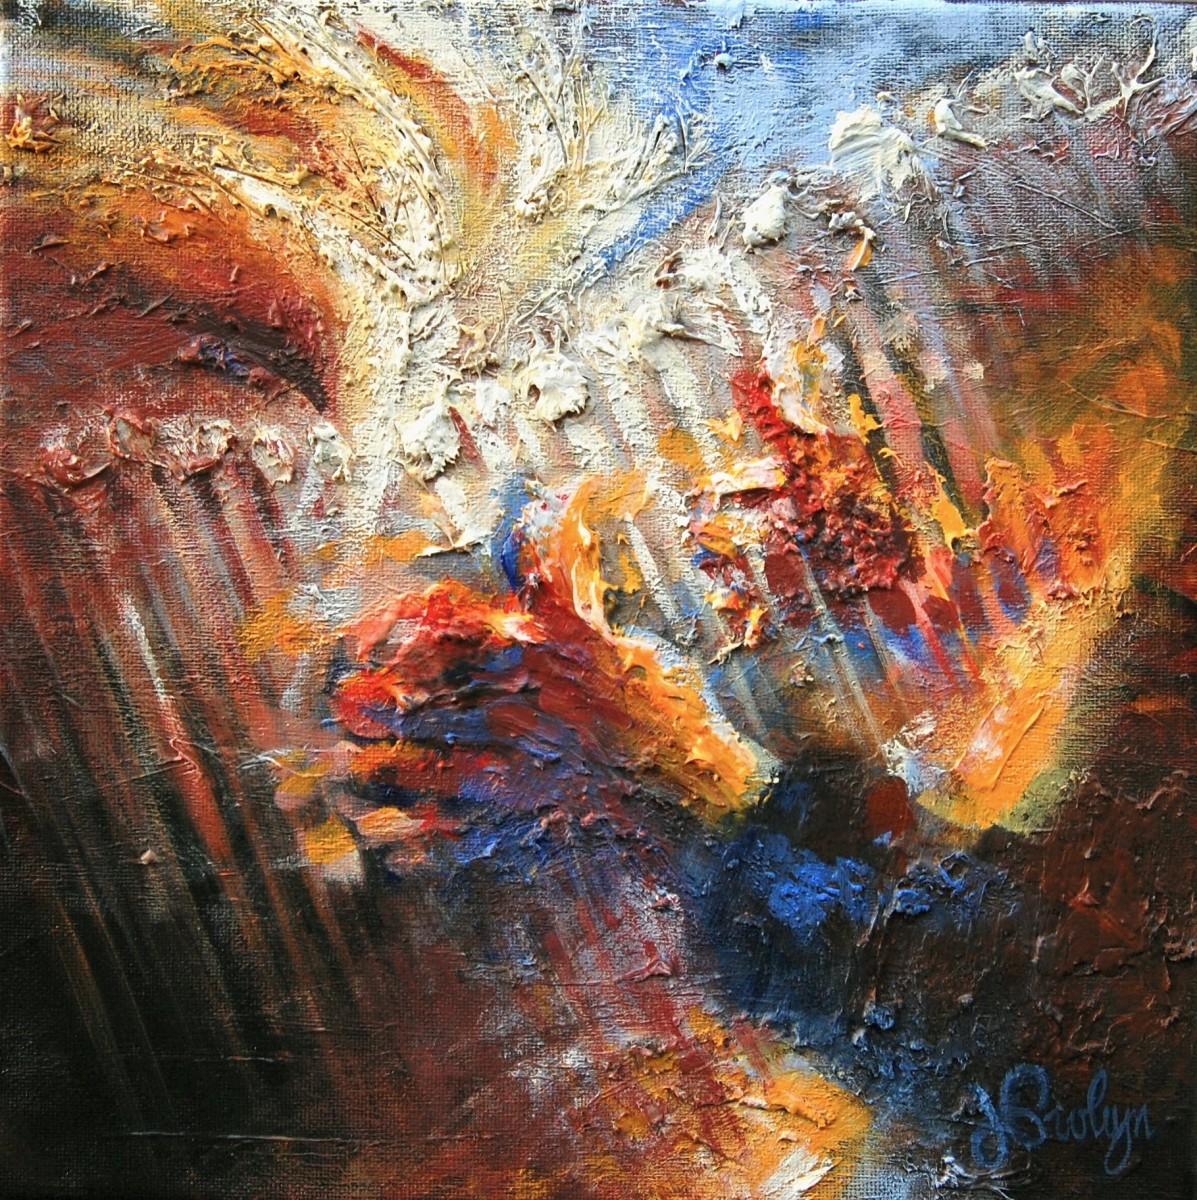 Soul Song by Joanne Probyn